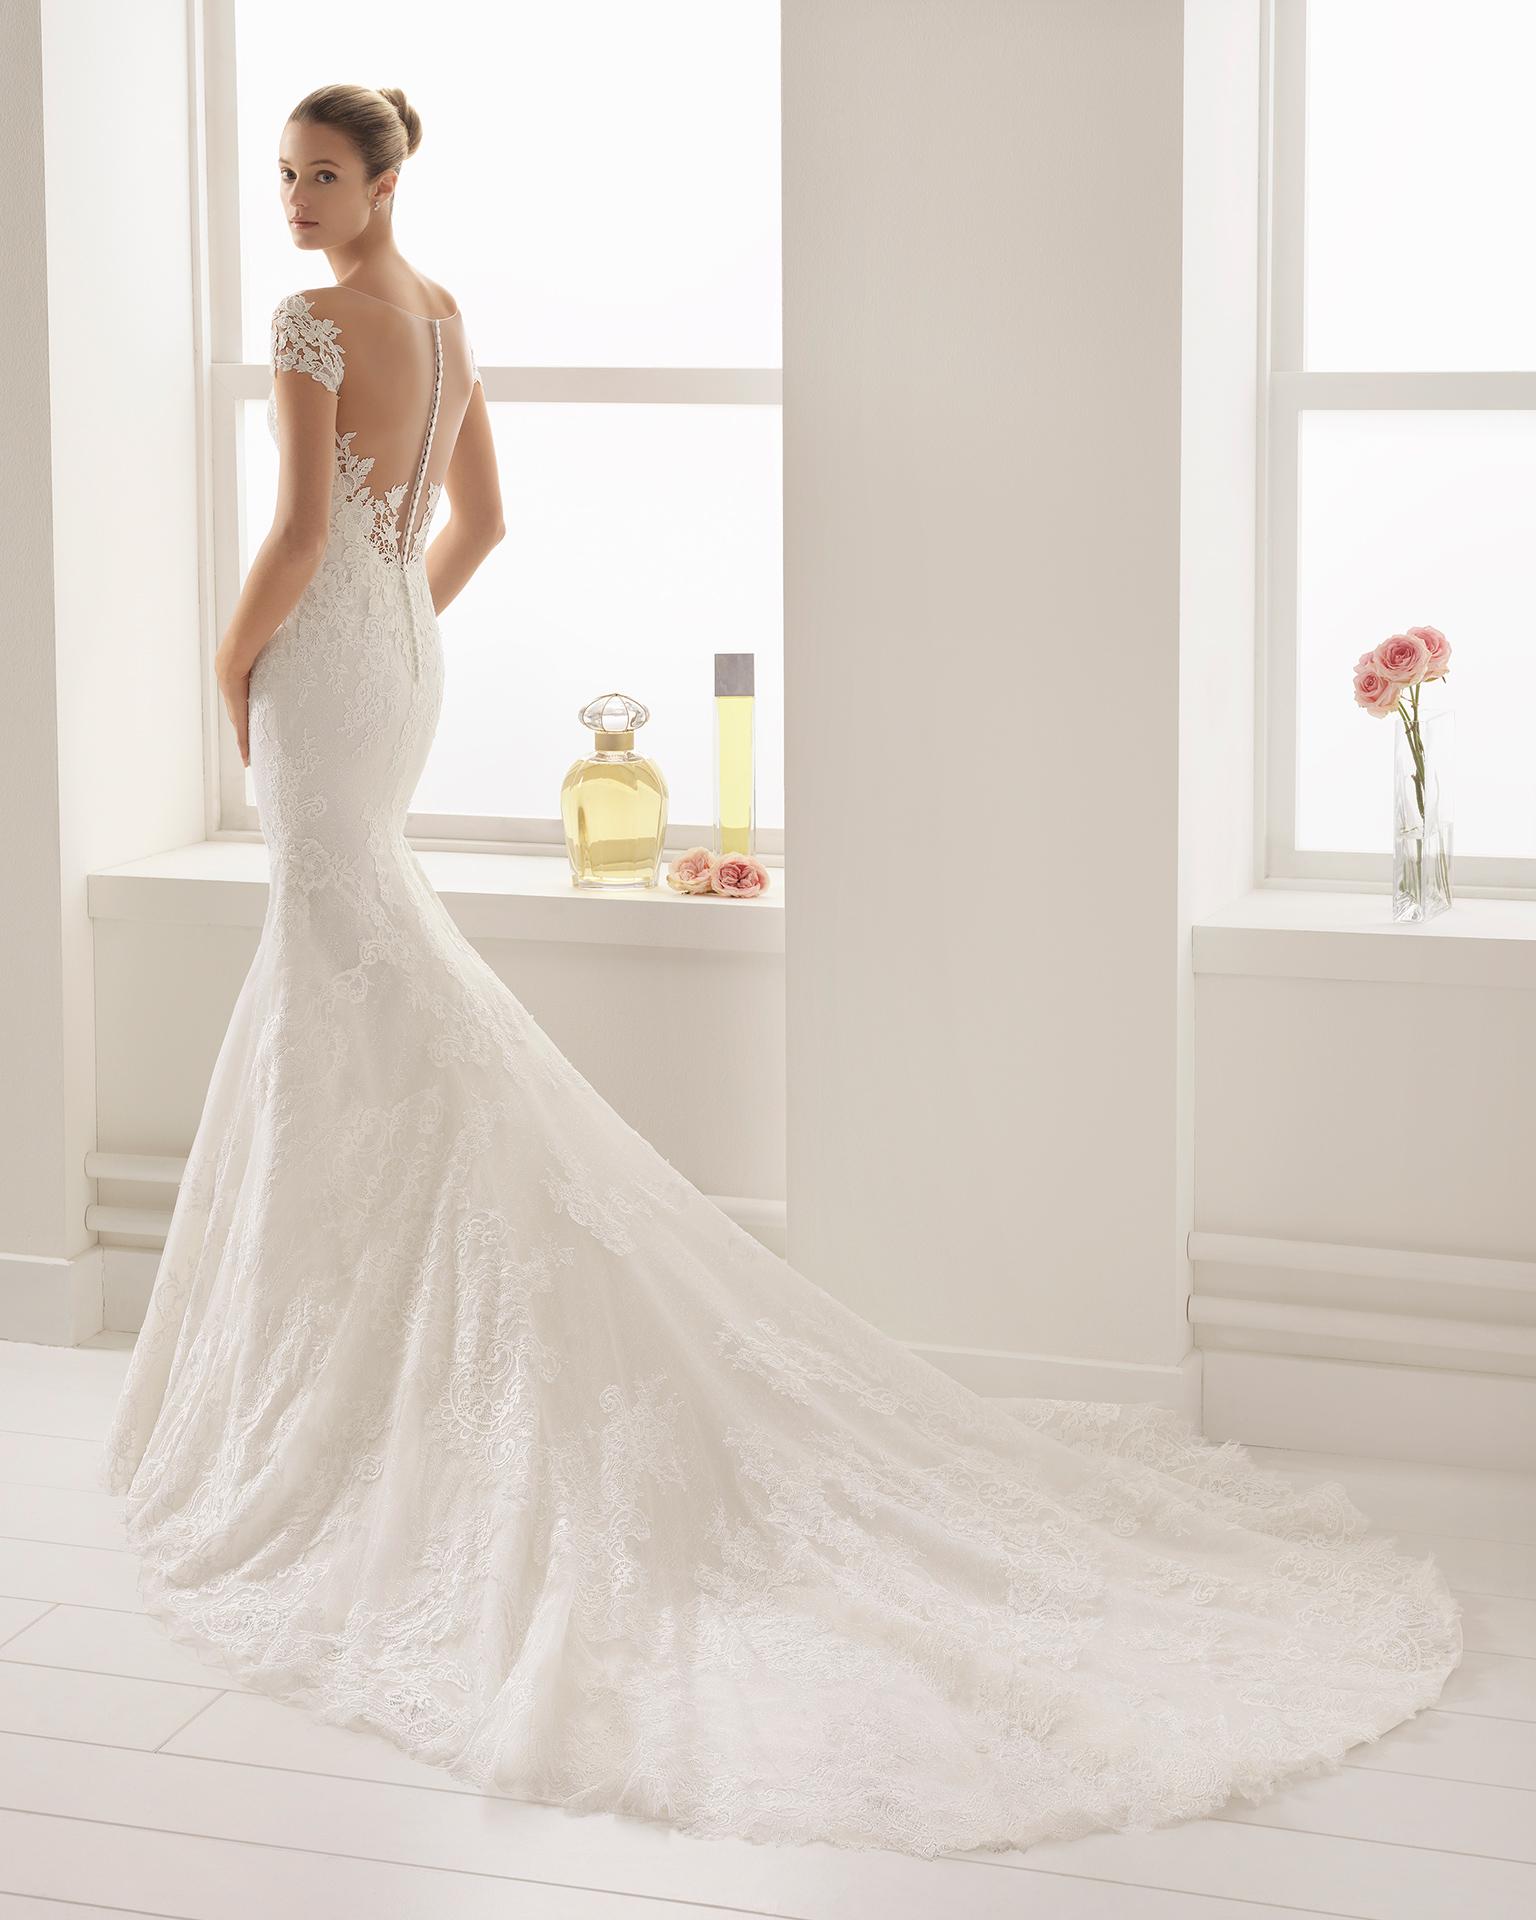 8d324b820 Vestido de novia corte sirena en encaje y guipur con escote deep-plunge y  espalda